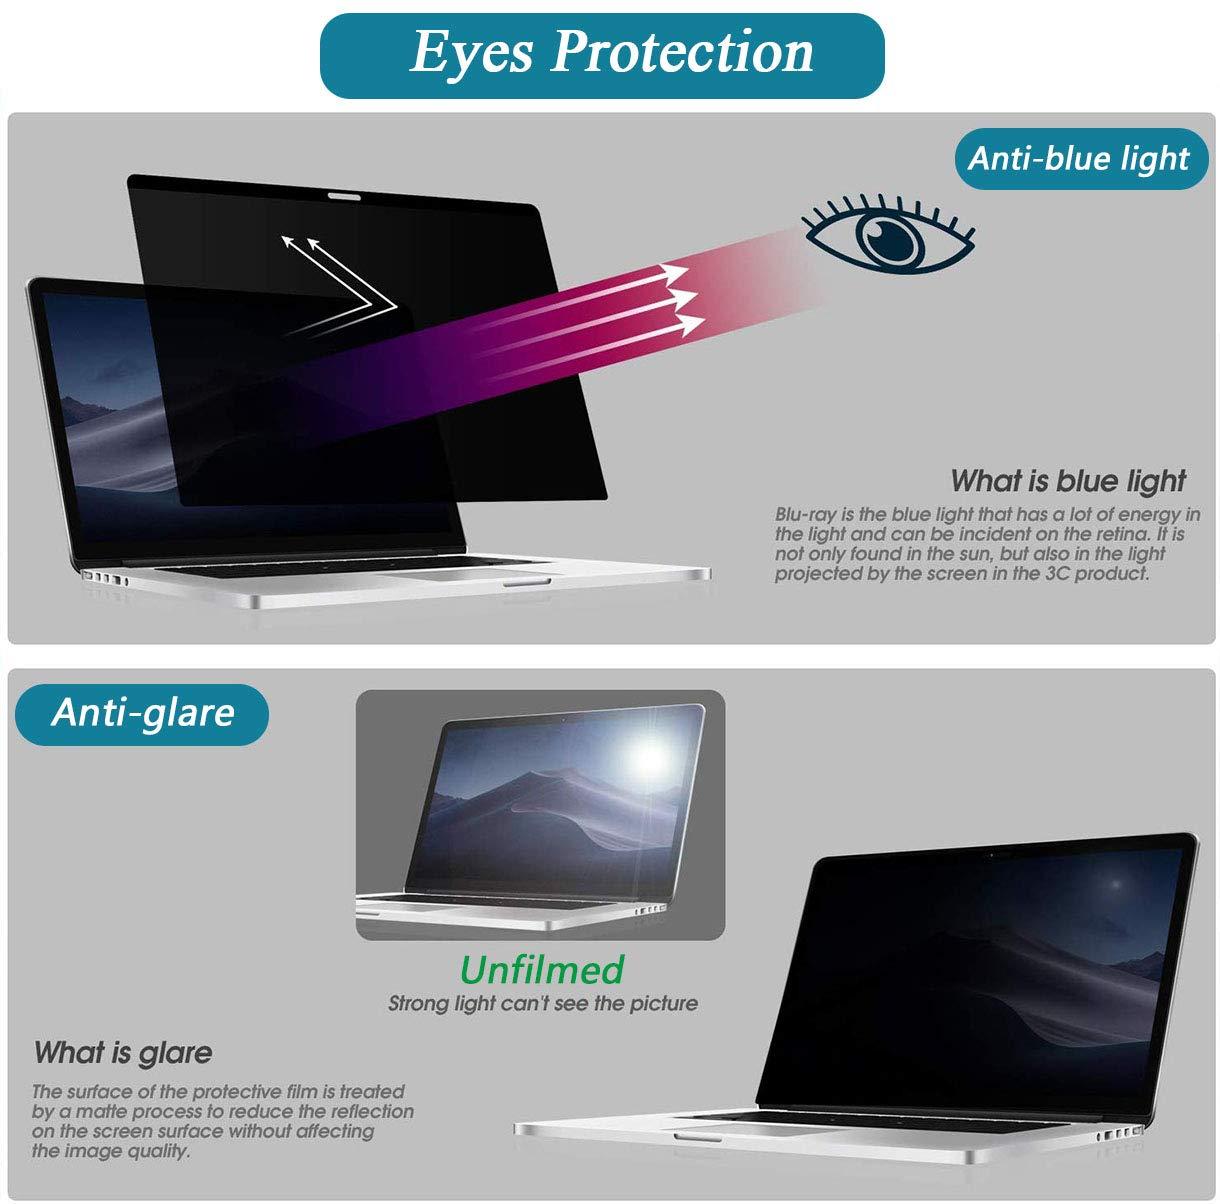 2016-2019 Filtro de privacidad magn/ético FiiMoo Magn/ético Protector de Pantalla Premium Privacy Compatibile con MacBook Pro 13 Easy On//Off Privacy Filter para MacBook Pro 13